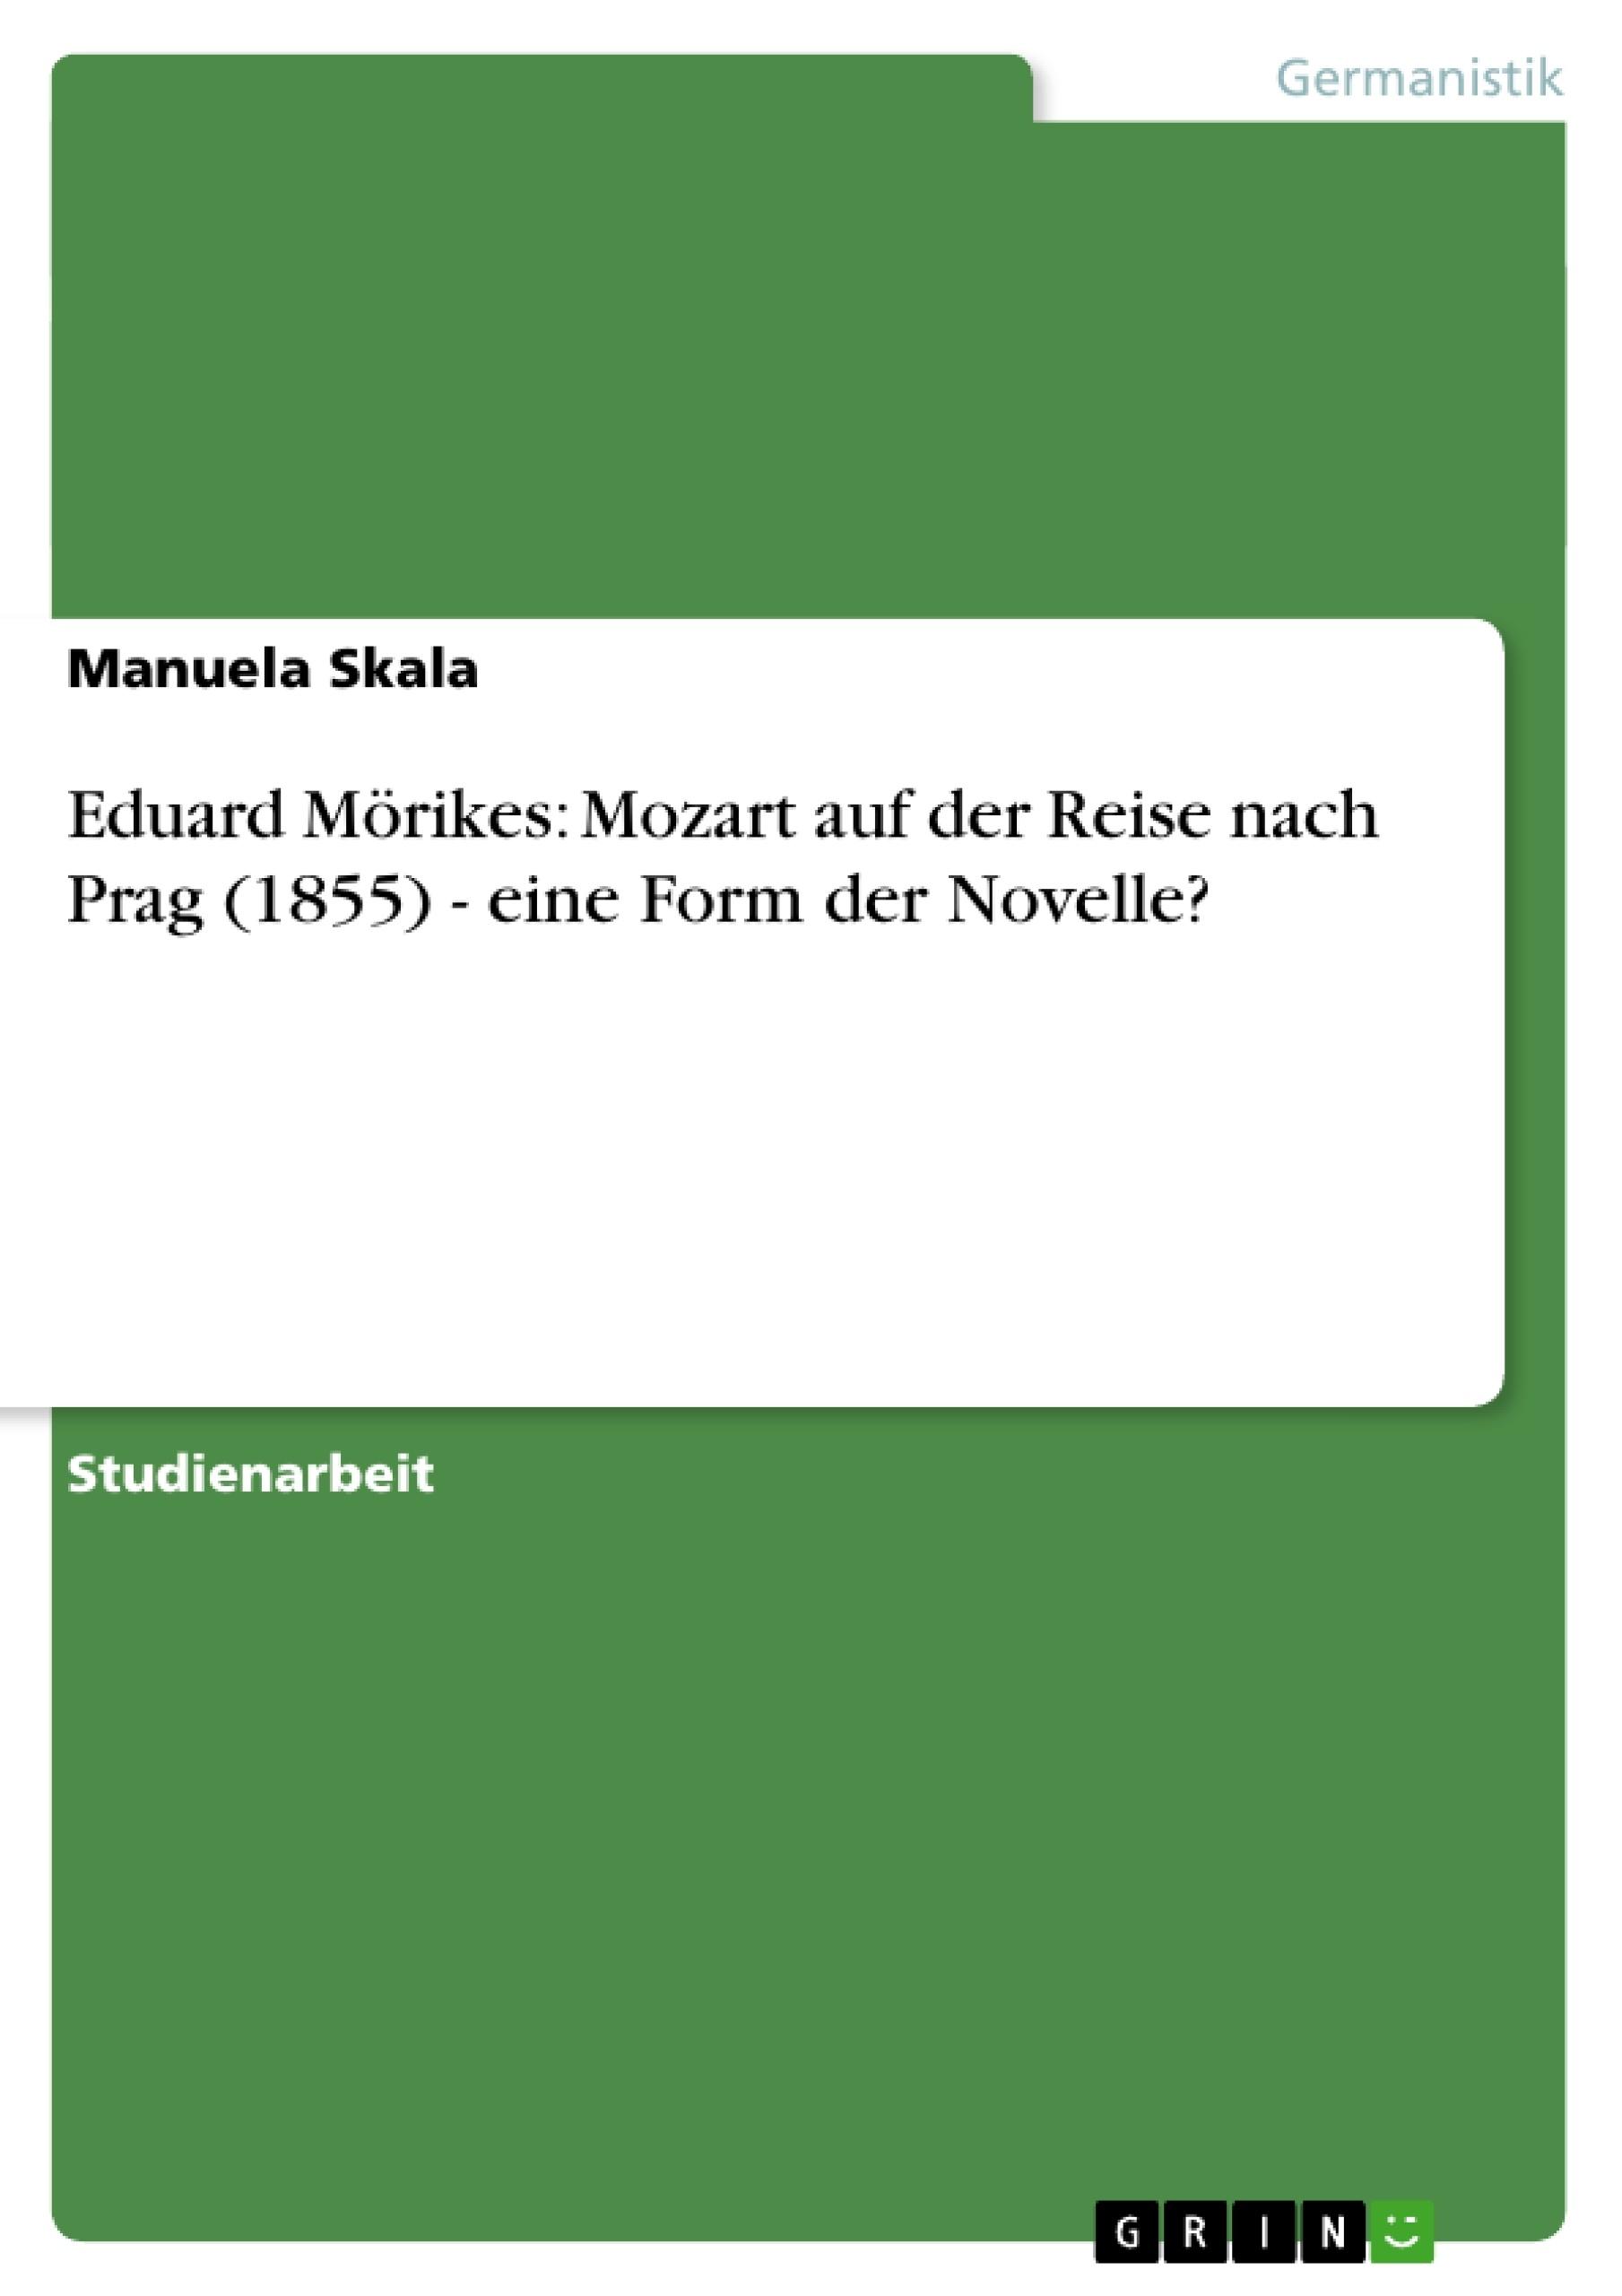 Titel: Eduard Mörikes: Mozart auf der Reise nach Prag (1855) - eine Form der Novelle?